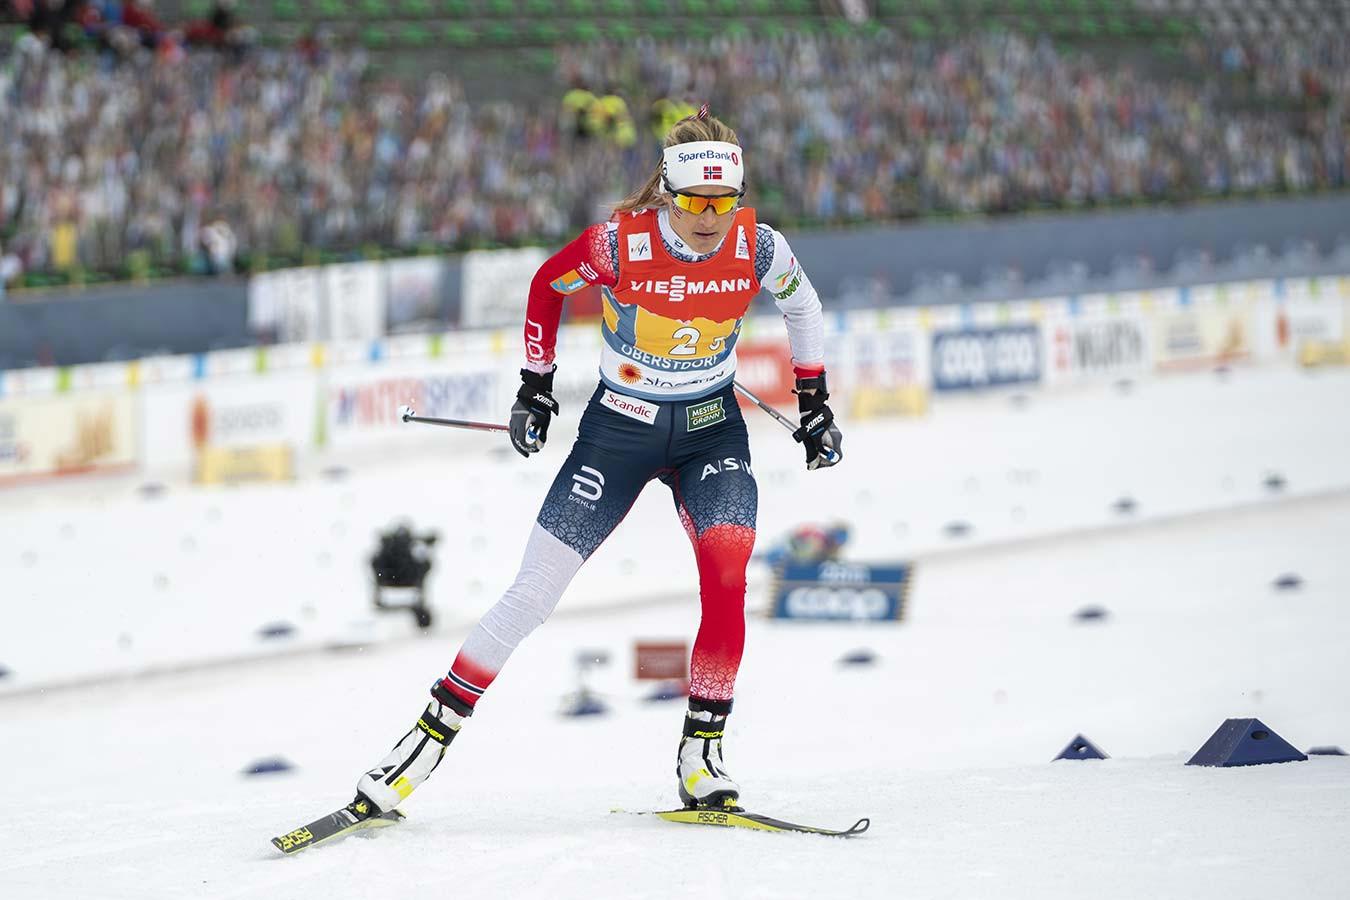 Йохауг отреагировала на предложение немецкого тренера снимать с гонок слишком худых лыжниц